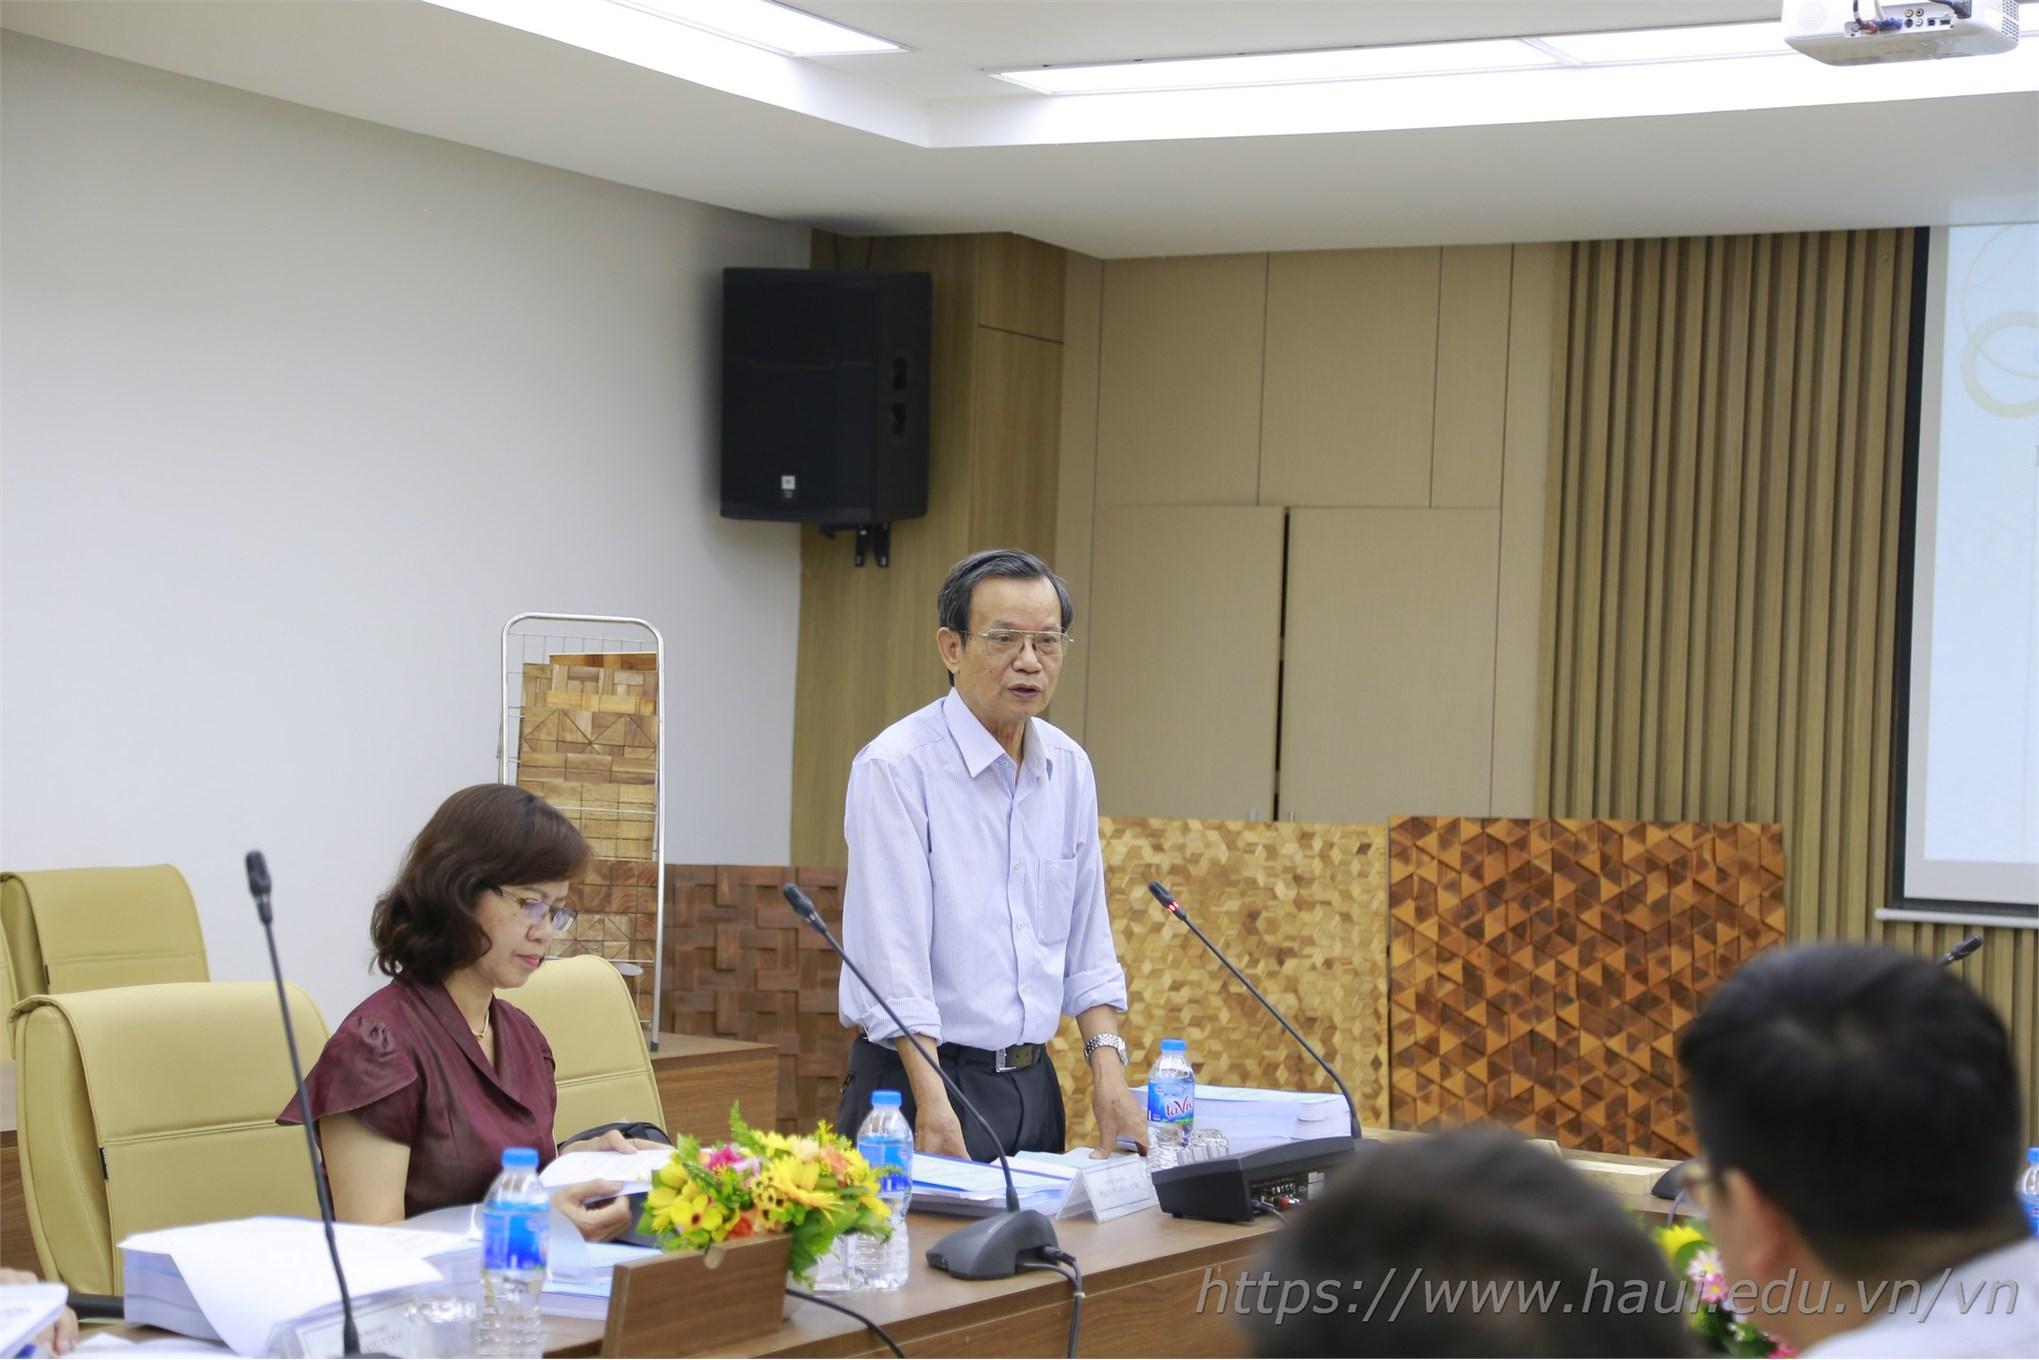 PGS.TS. Vũ Liêm Chính – Nguyên Phó Hiệu trưởng trường Đại học Xây dựng - Chủ tịch hội đồng nghiệm thu cấp cơ sở nhận xét trước hội đồng